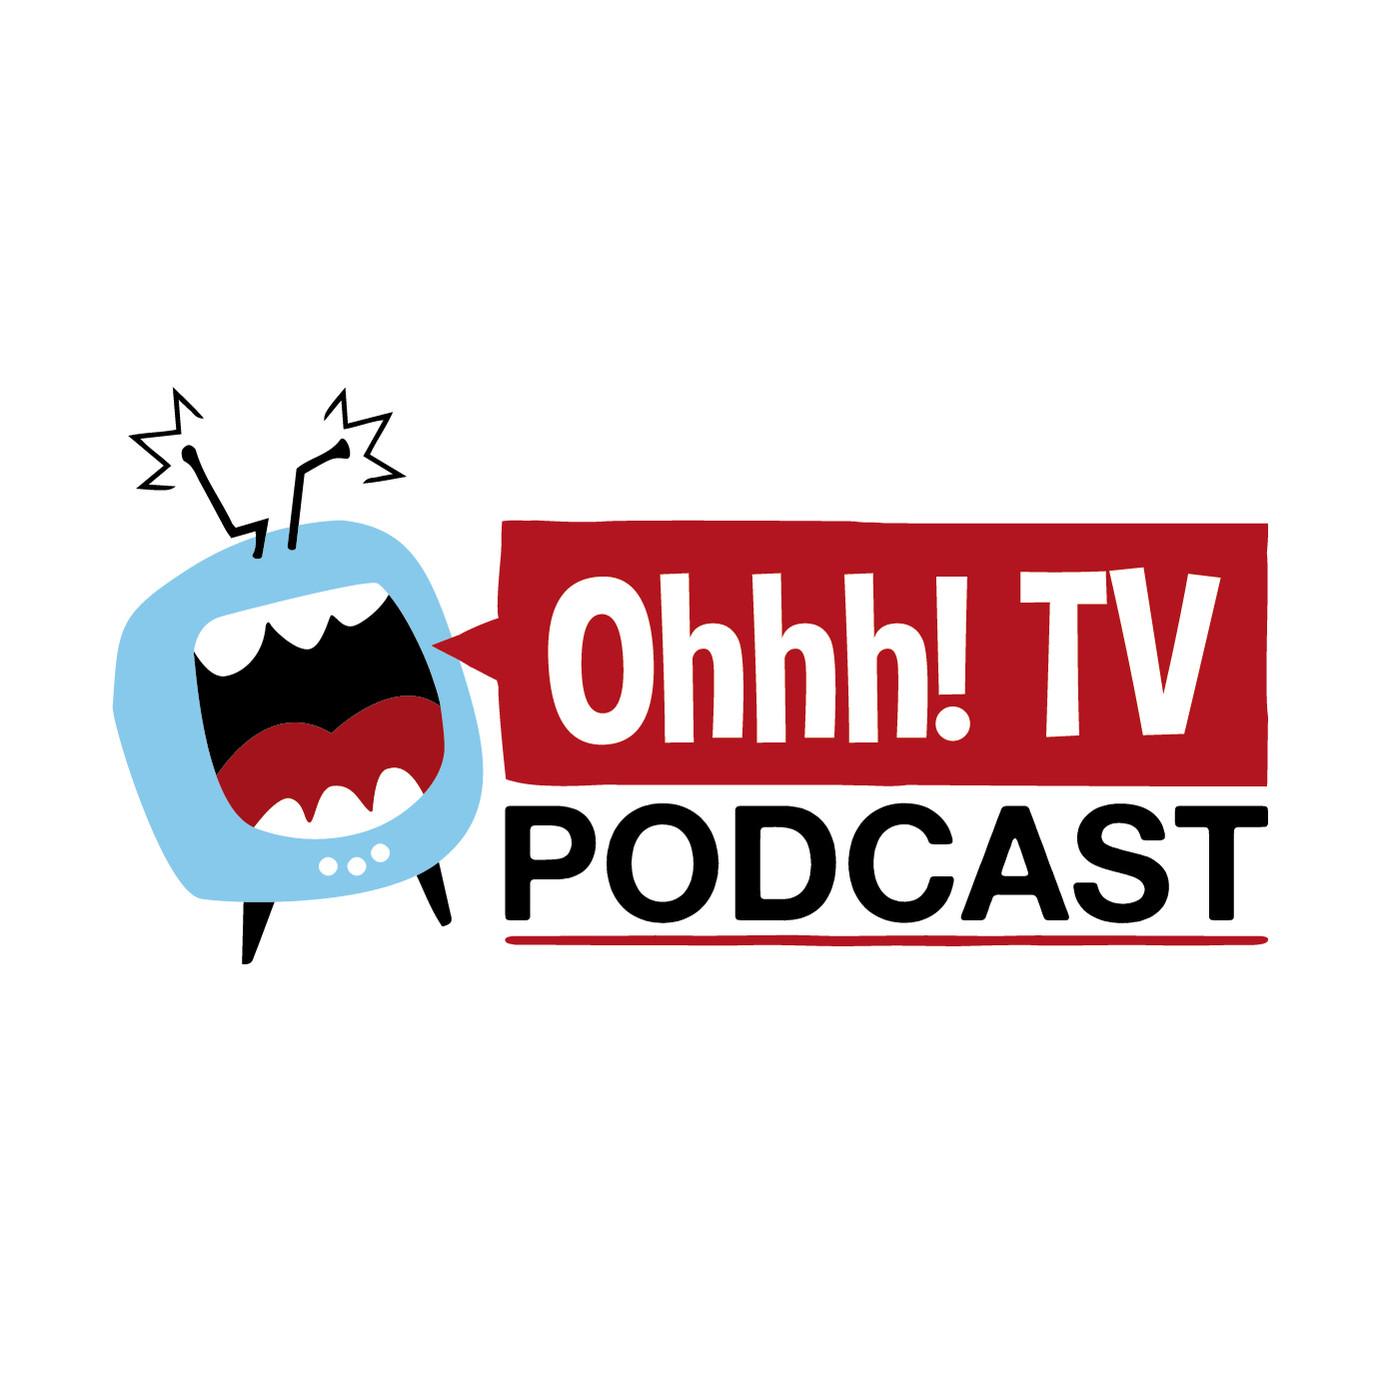 Temporada 06 - Ohhh! TV Podcast